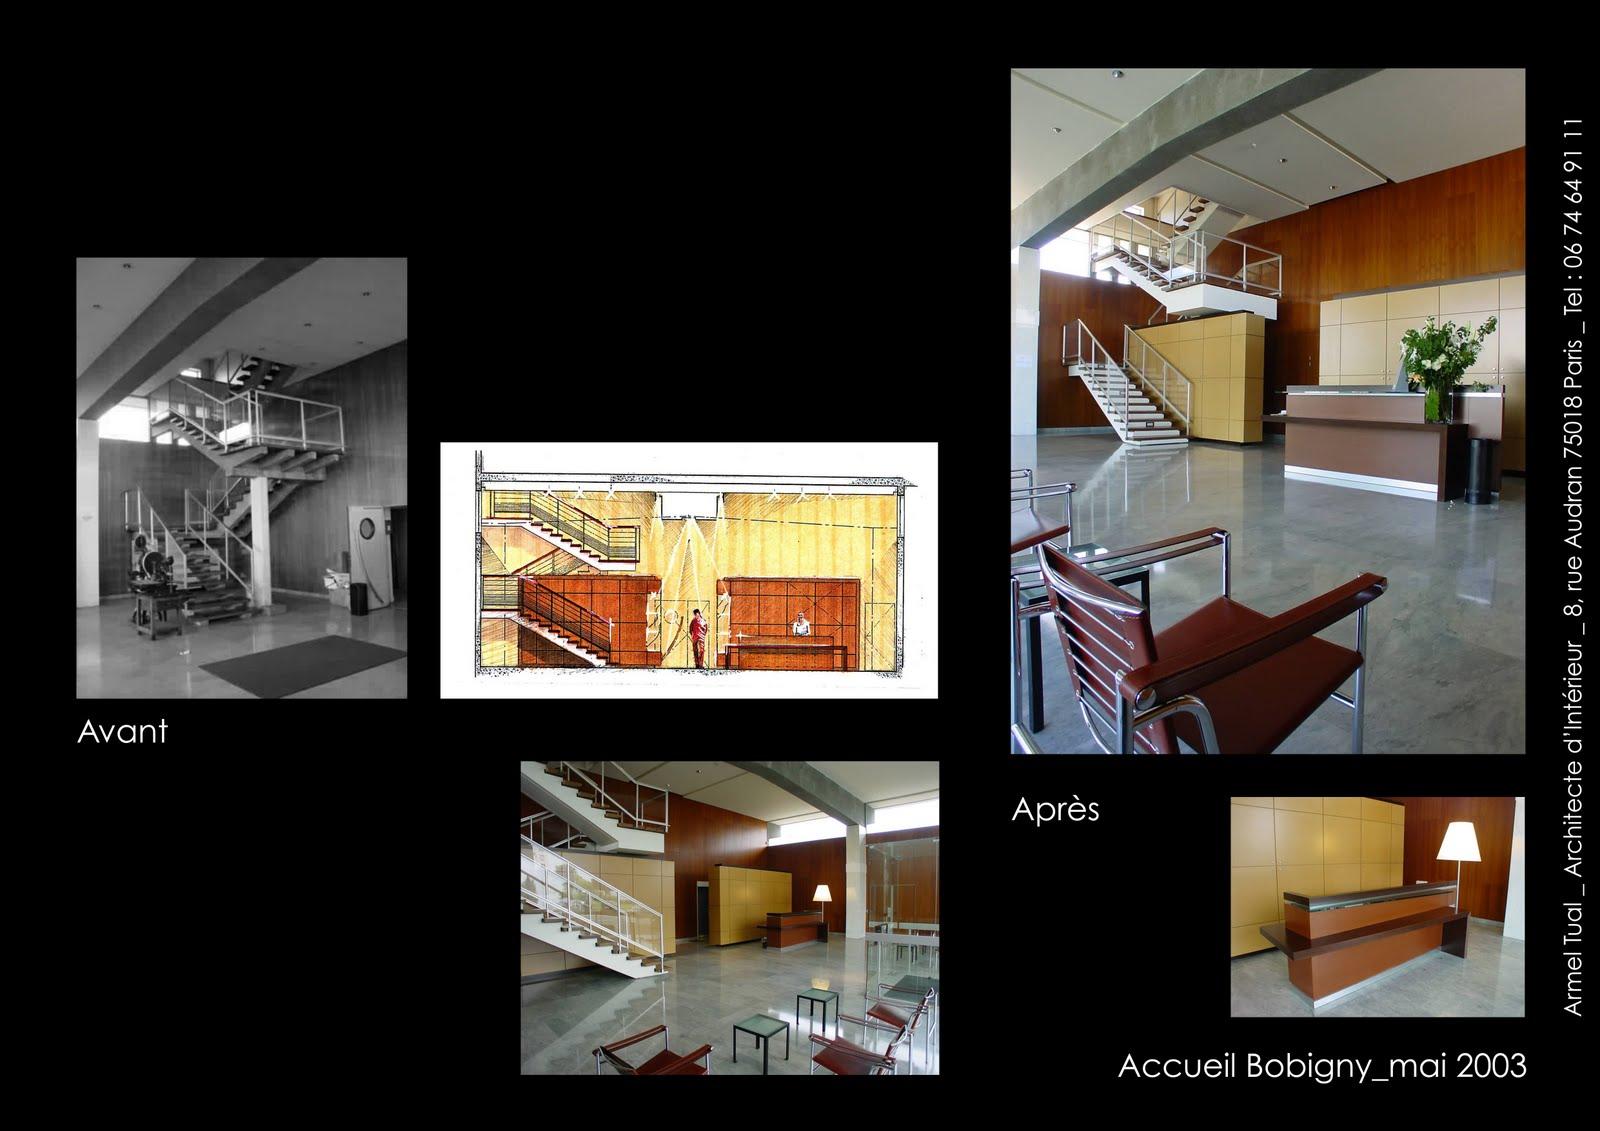 Architecte D Intérieur Paris 8 armel tual - architecte d'intérieur cfai: hall d'accueil